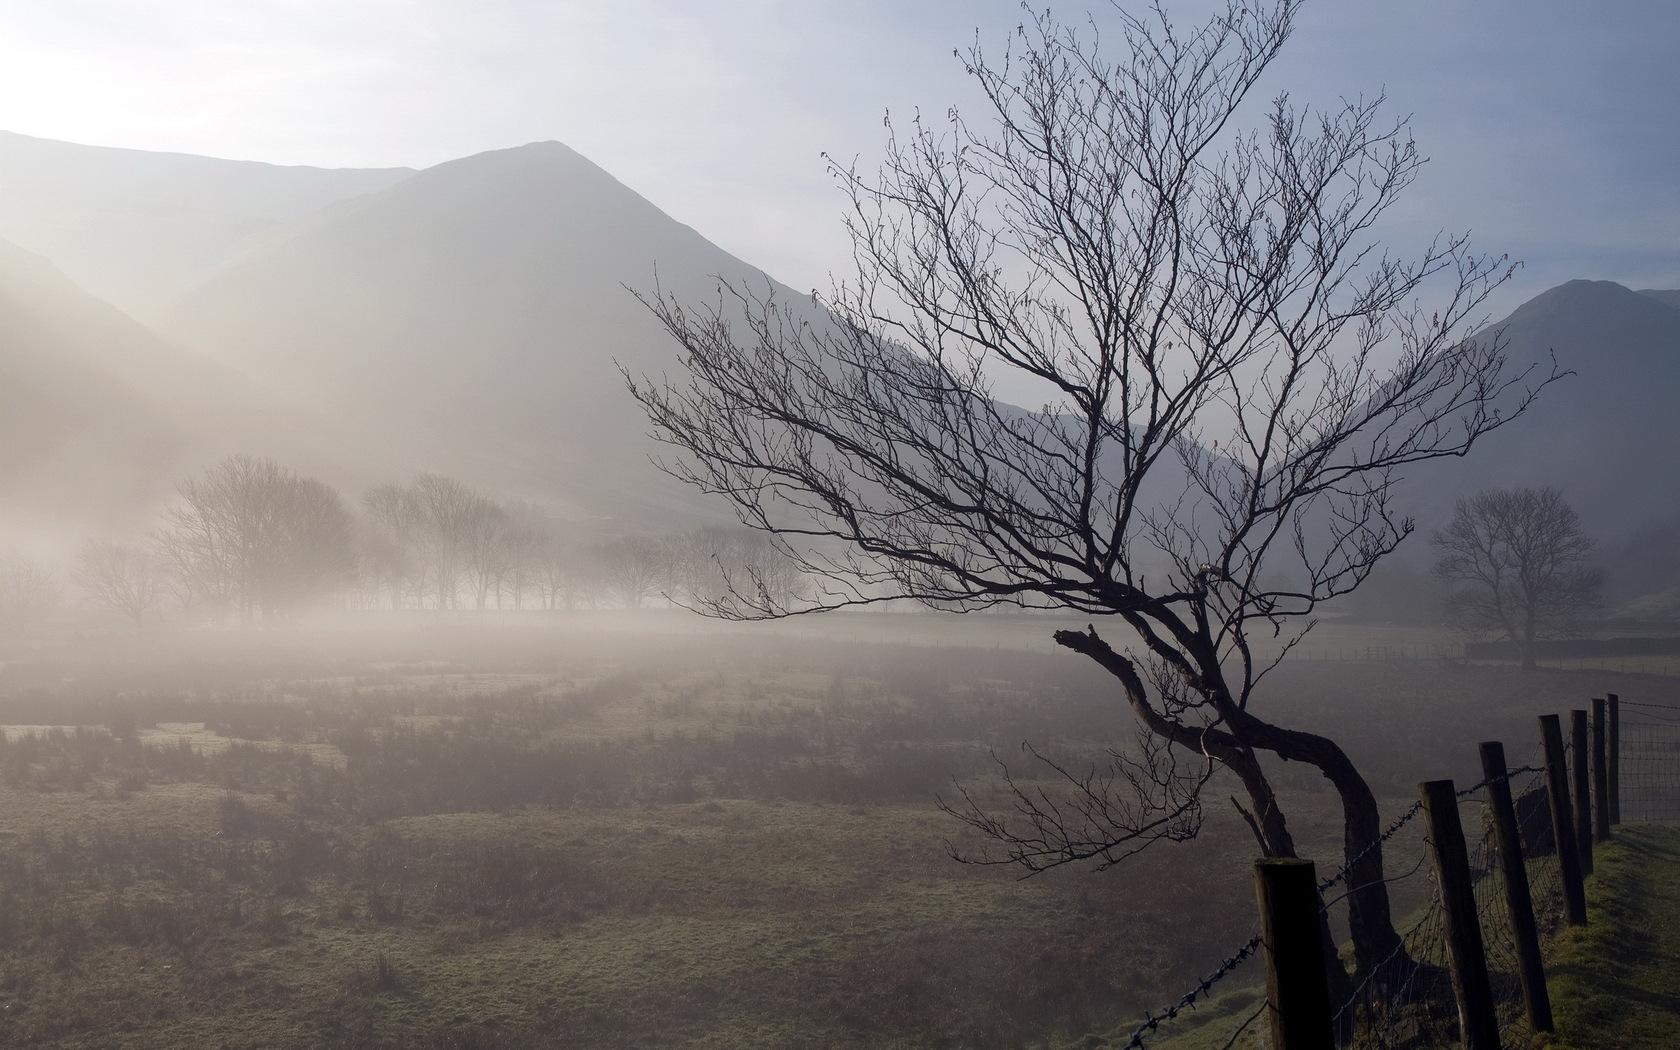 hintergrundbilder : baum, kofferraum, verdrehen, nebel, berge, zaun